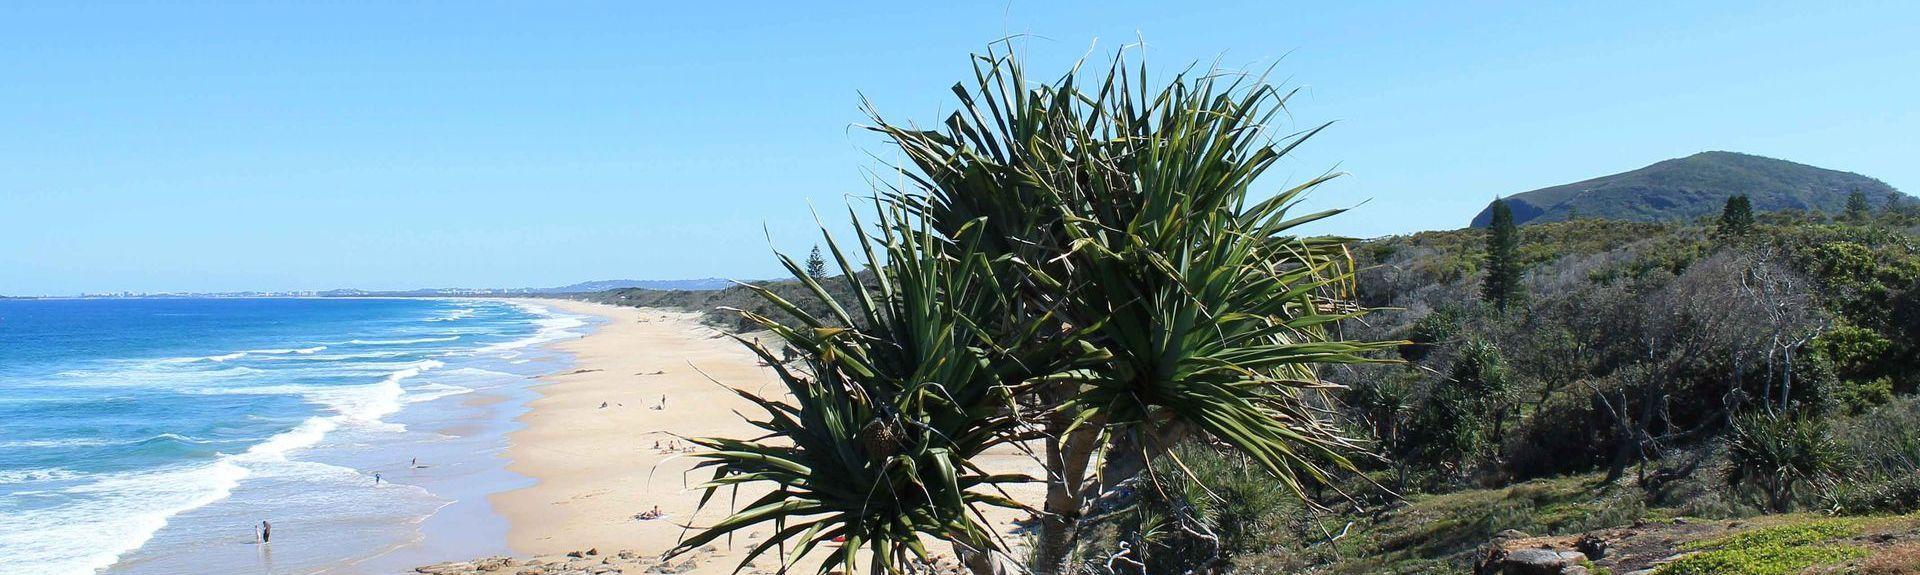 Kings Beach, Kings Beach, Queensland, Australia